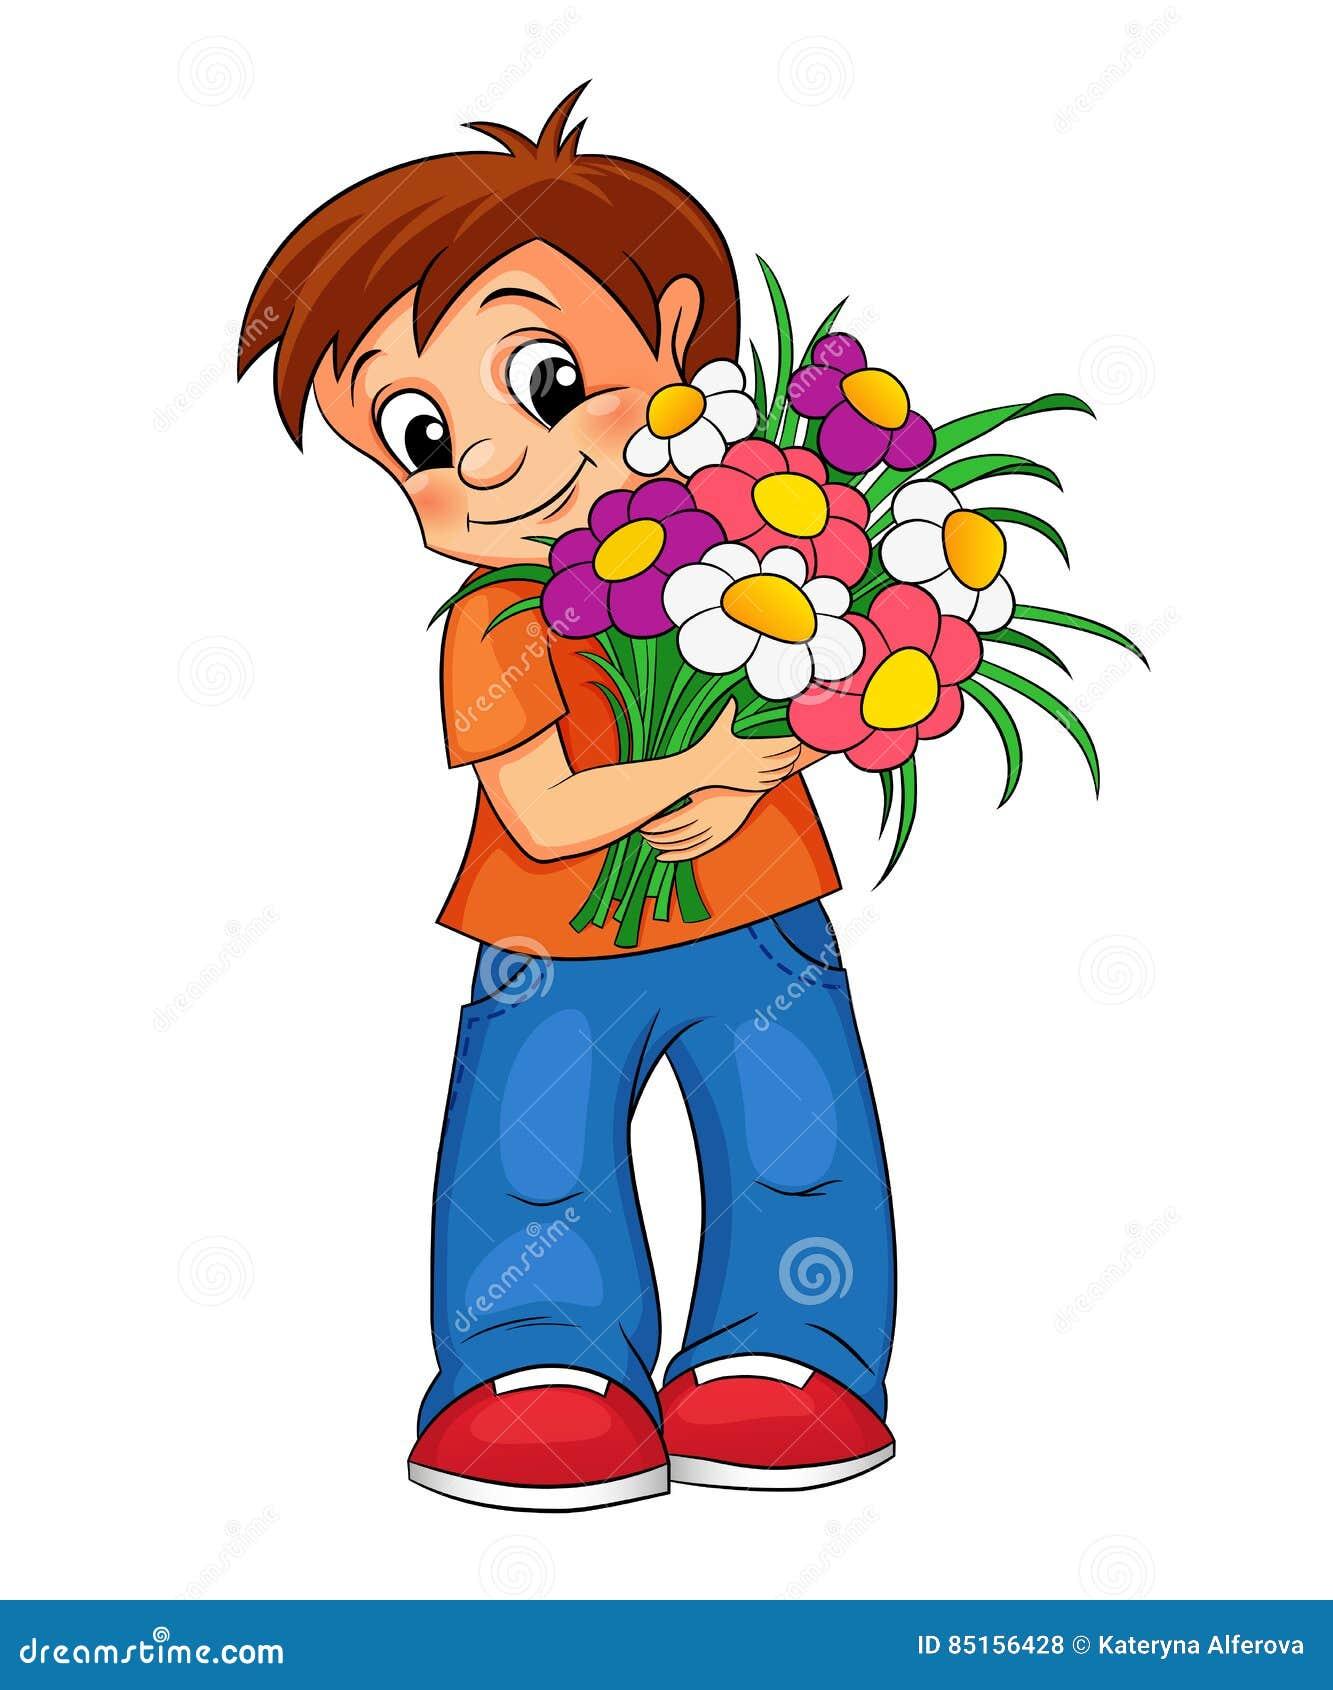 Цветами приглашение, картинки мальчик с цветами нарисованный